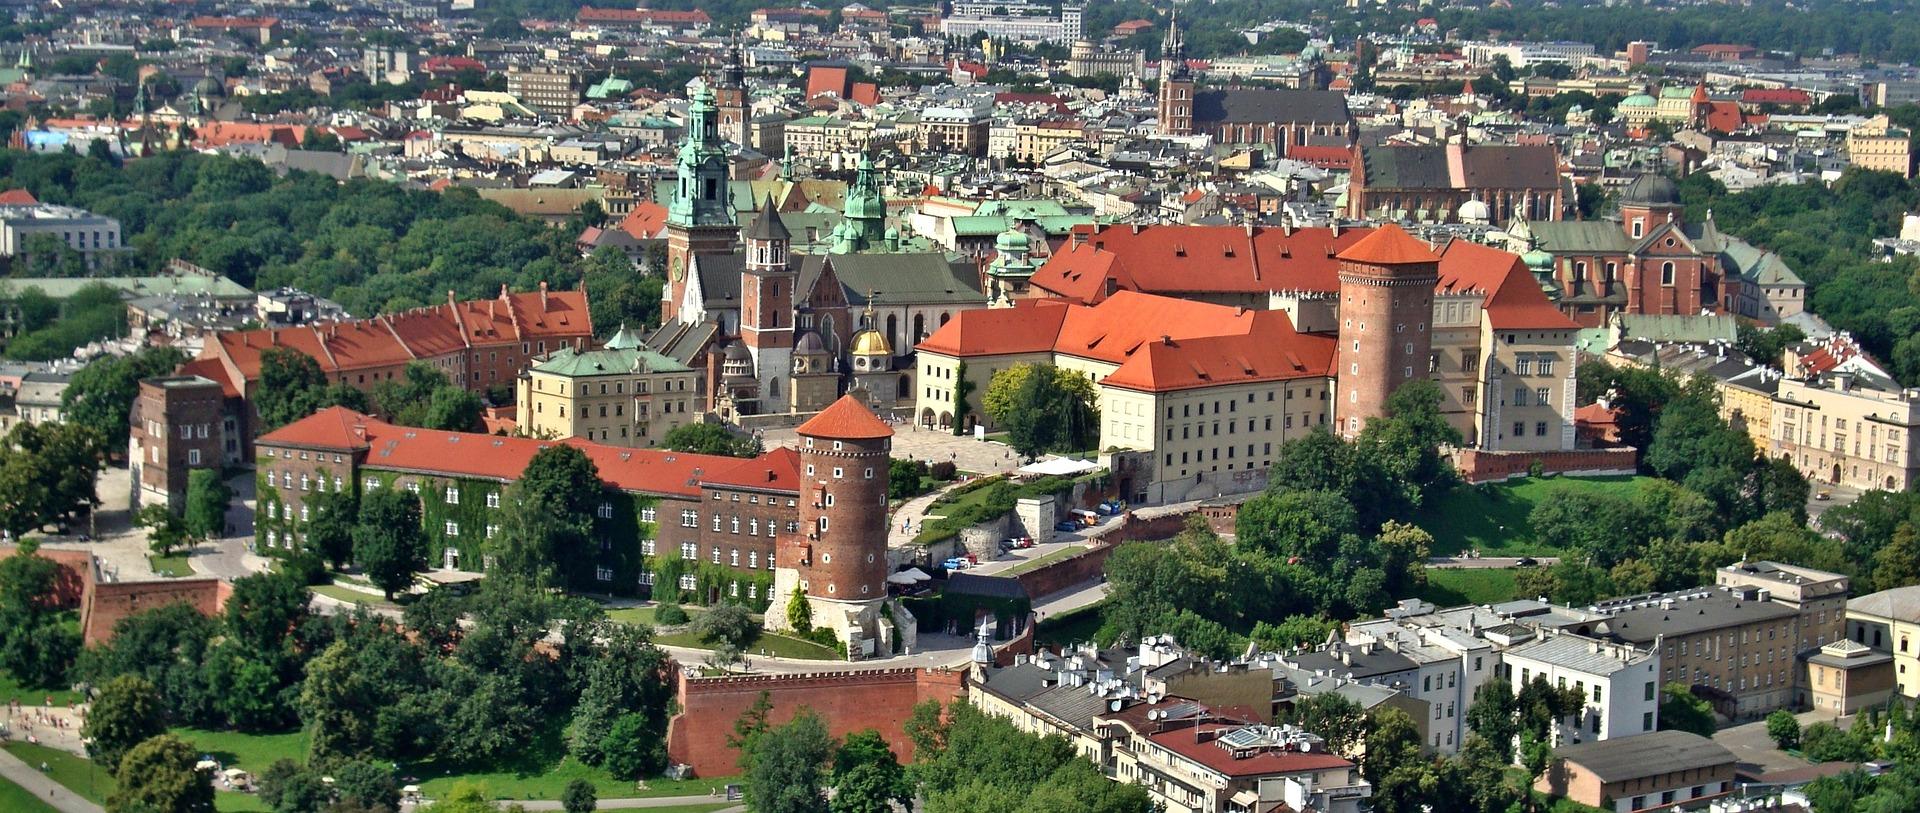 Krakow 966774 1920